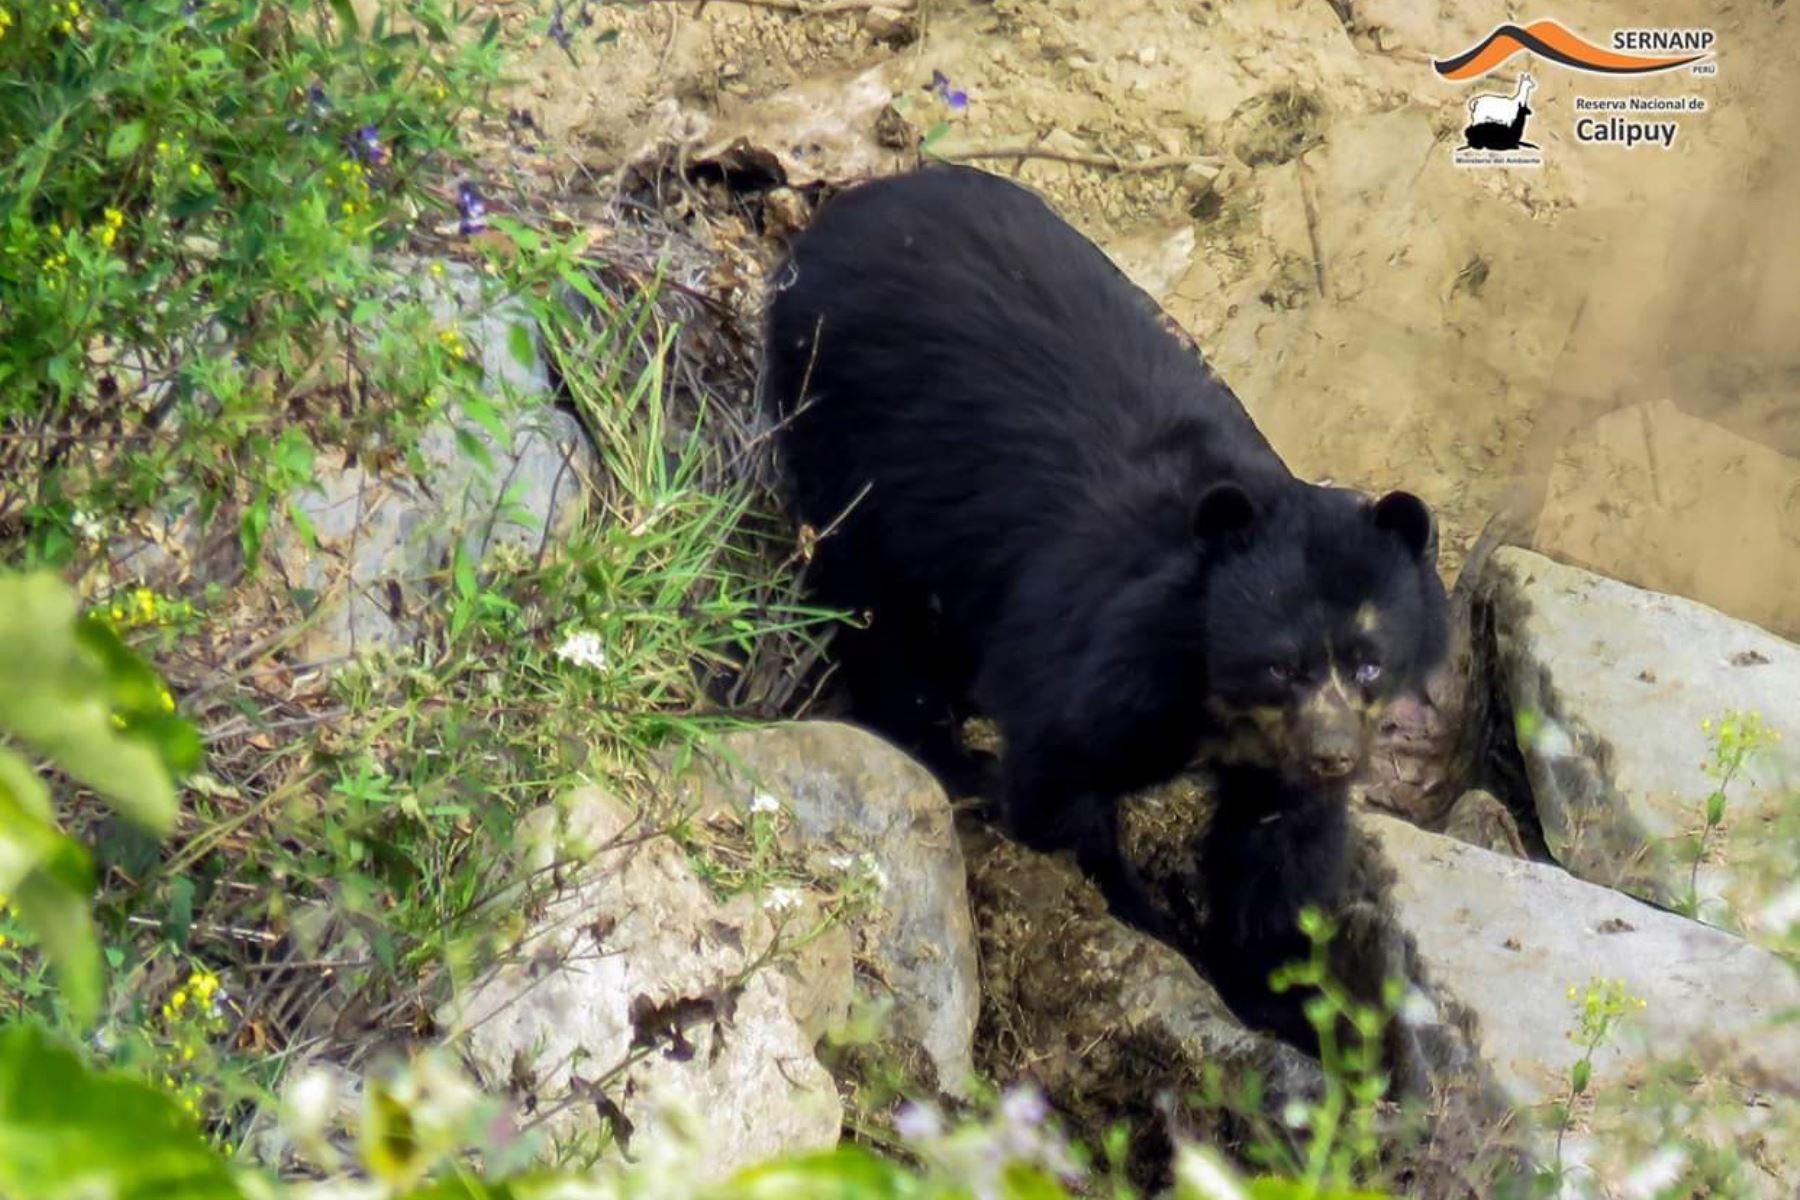 Reportan avistamiento de oso de anteojos en la Reserva Nacional de Calipuy, ubicado en La Libertad. ANDINA/Difusión